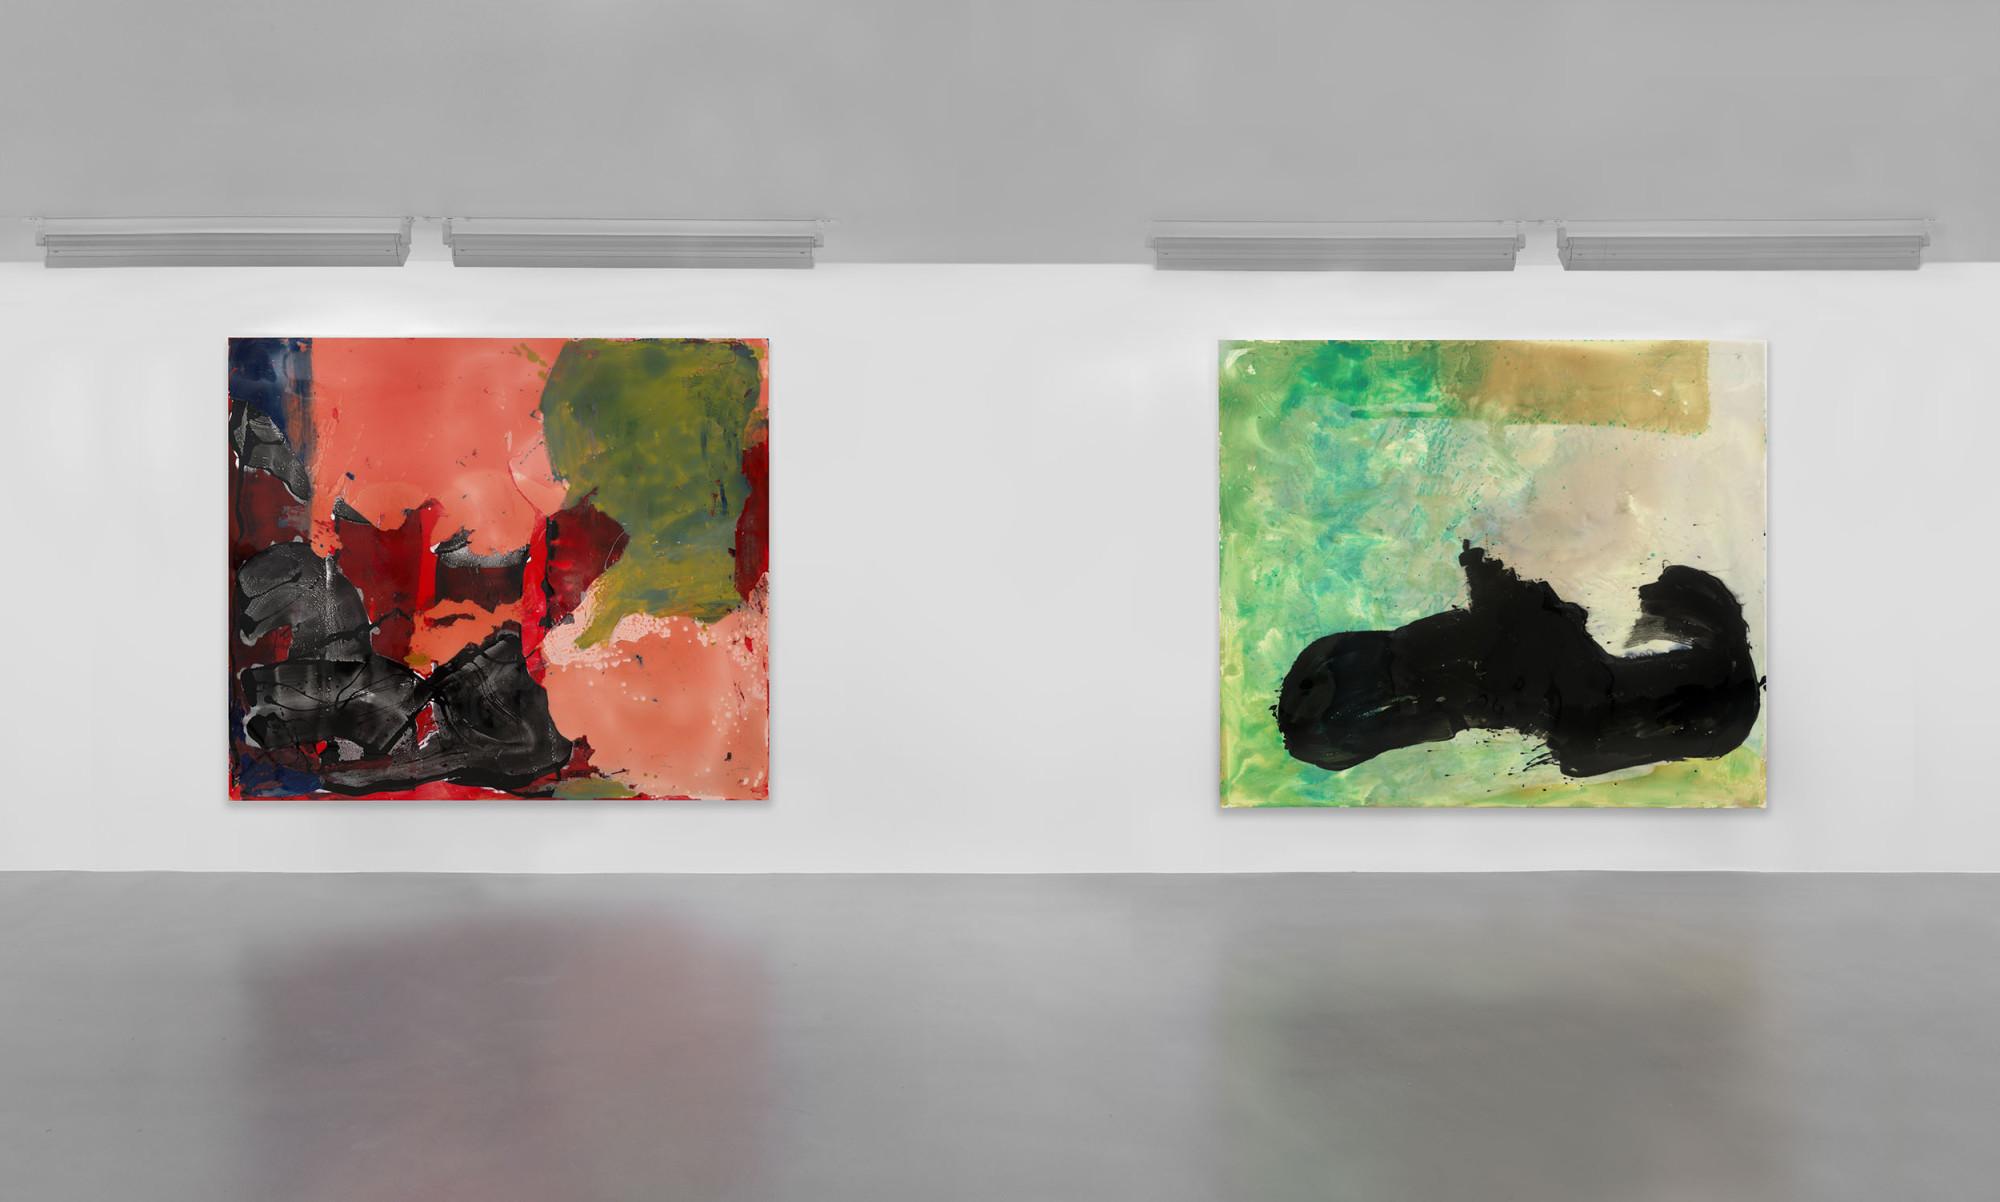 """<div class=""""artwork_caption""""><p>Installation View, 2016</p></div>"""